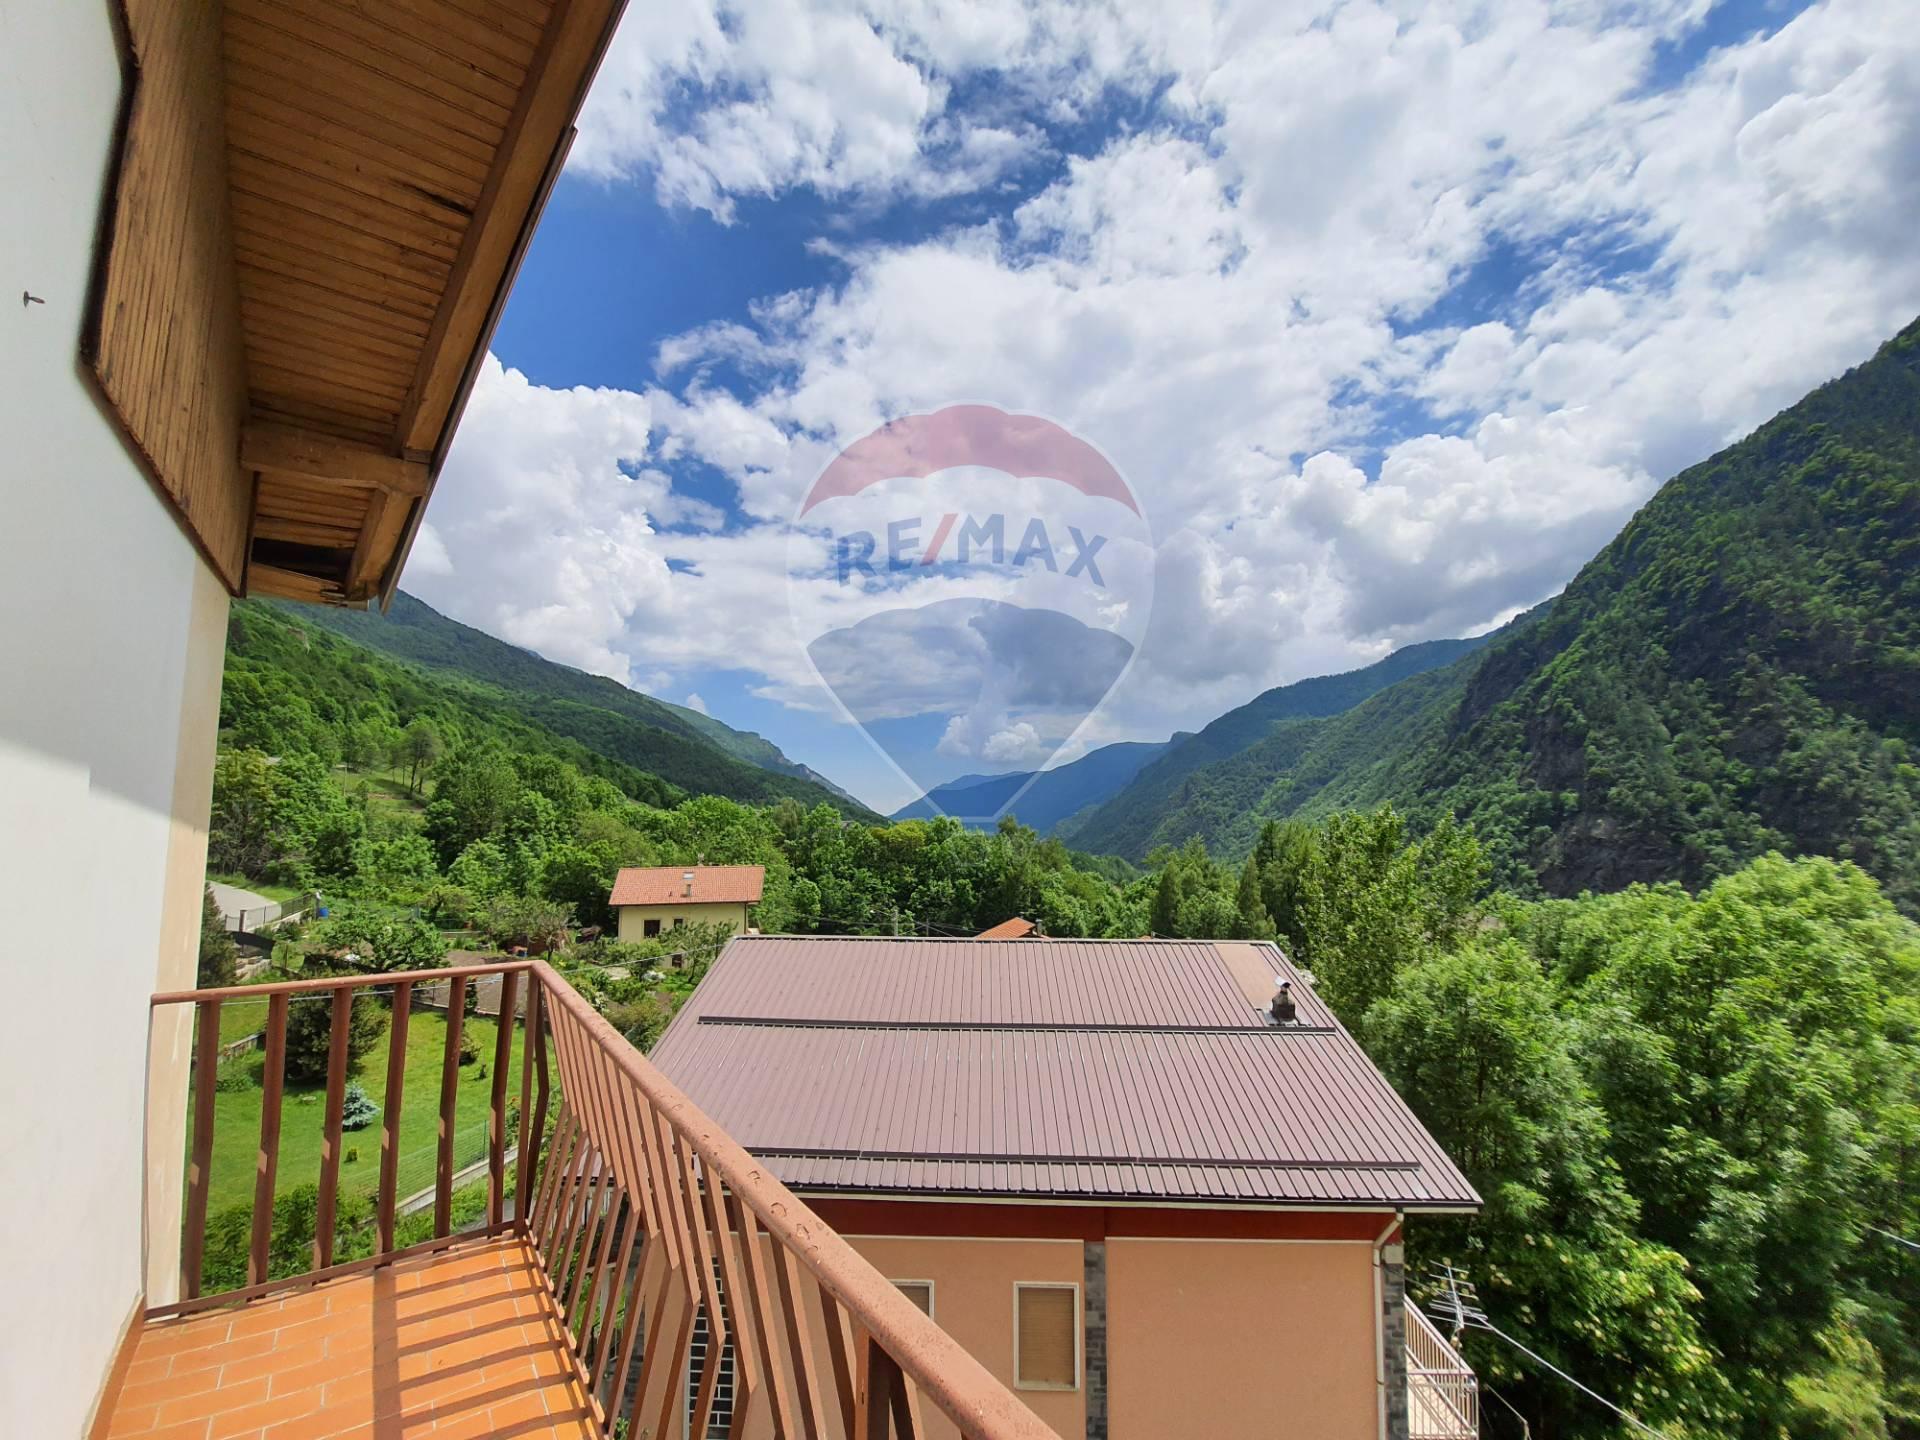 Appartamento in vendita a Roure, 4 locali, zona Zona: Villaretto, prezzo € 29.000 | CambioCasa.it